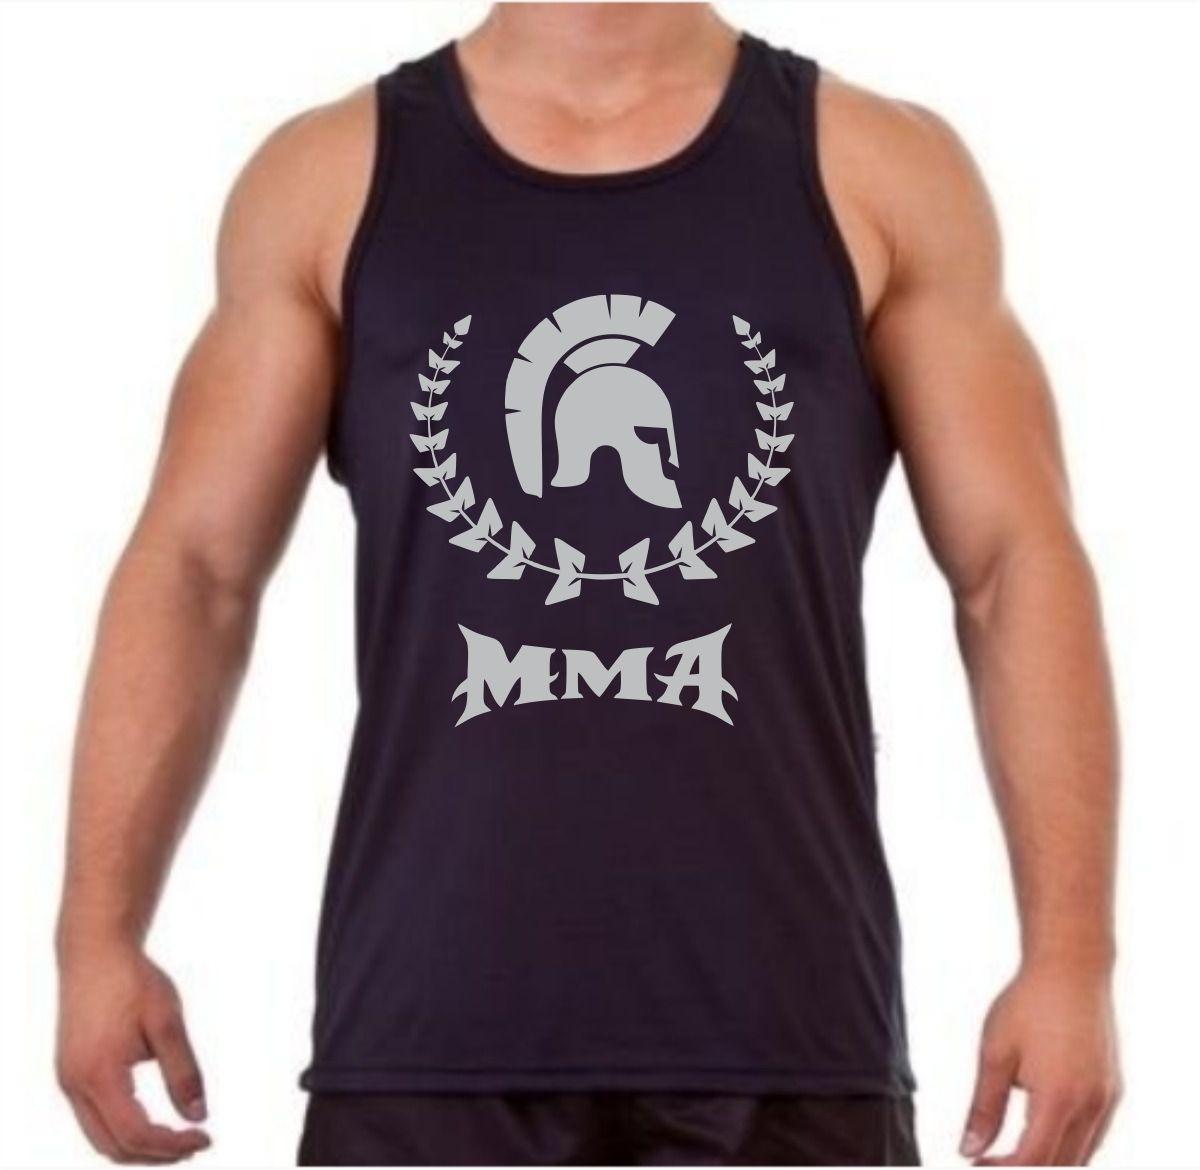 76e57192d91a9 camiseta camisa regata mma musculação fitness promoção. 9 Fotos